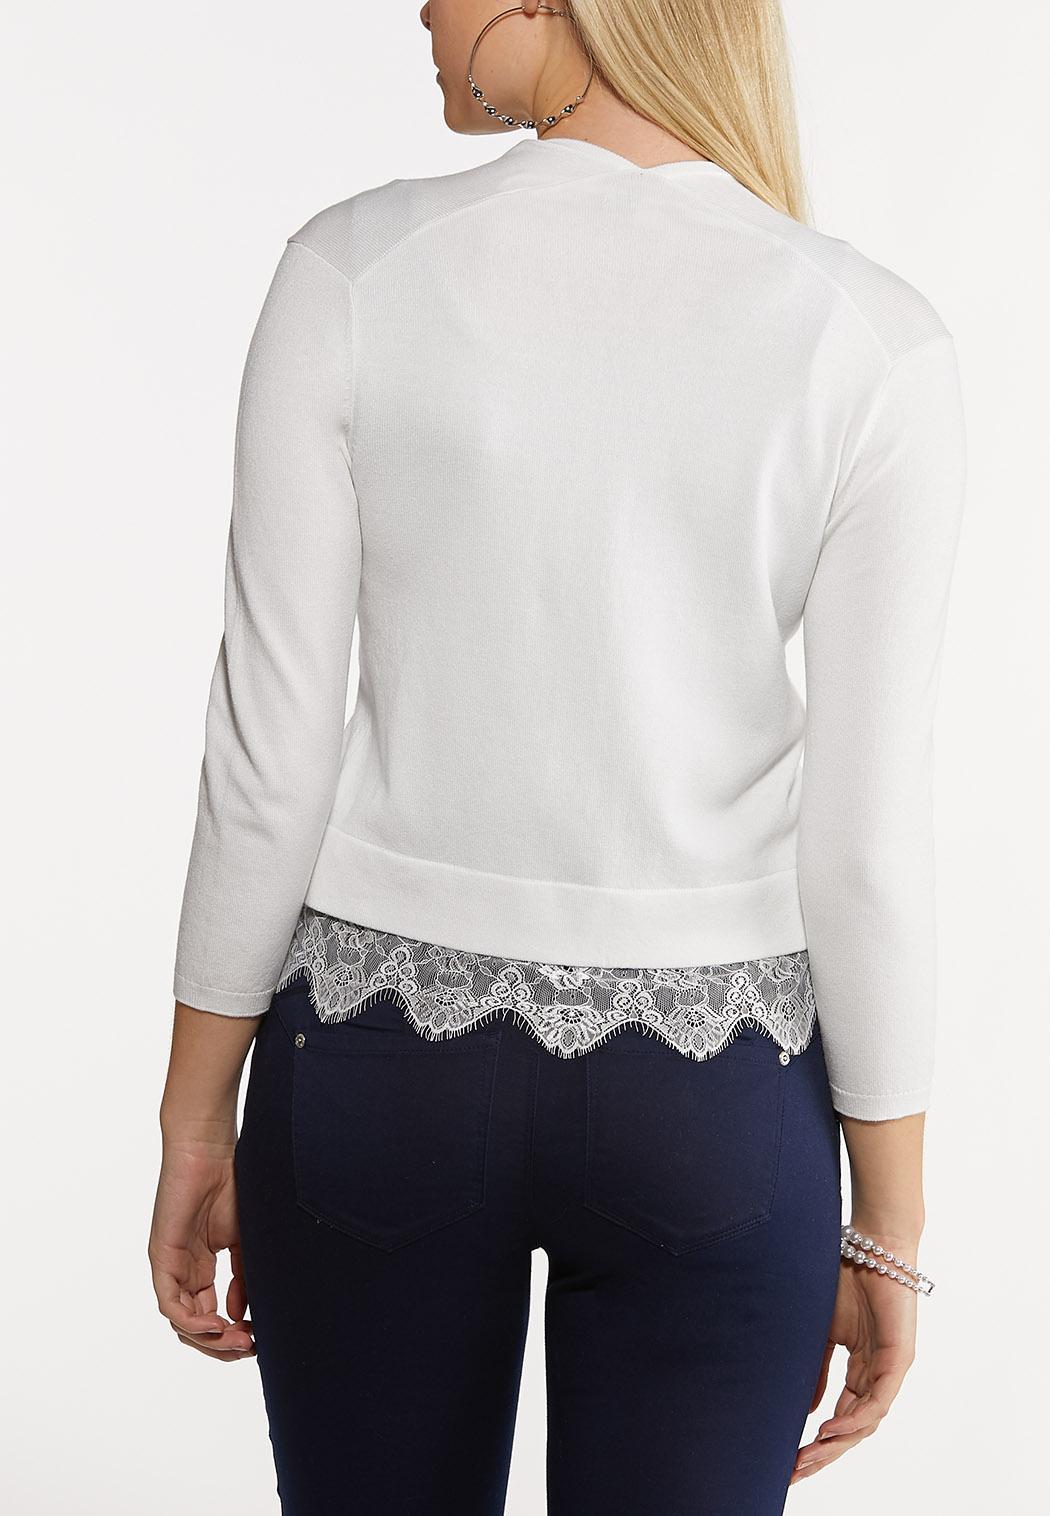 Lace Trim Shrug (Item #44187323)